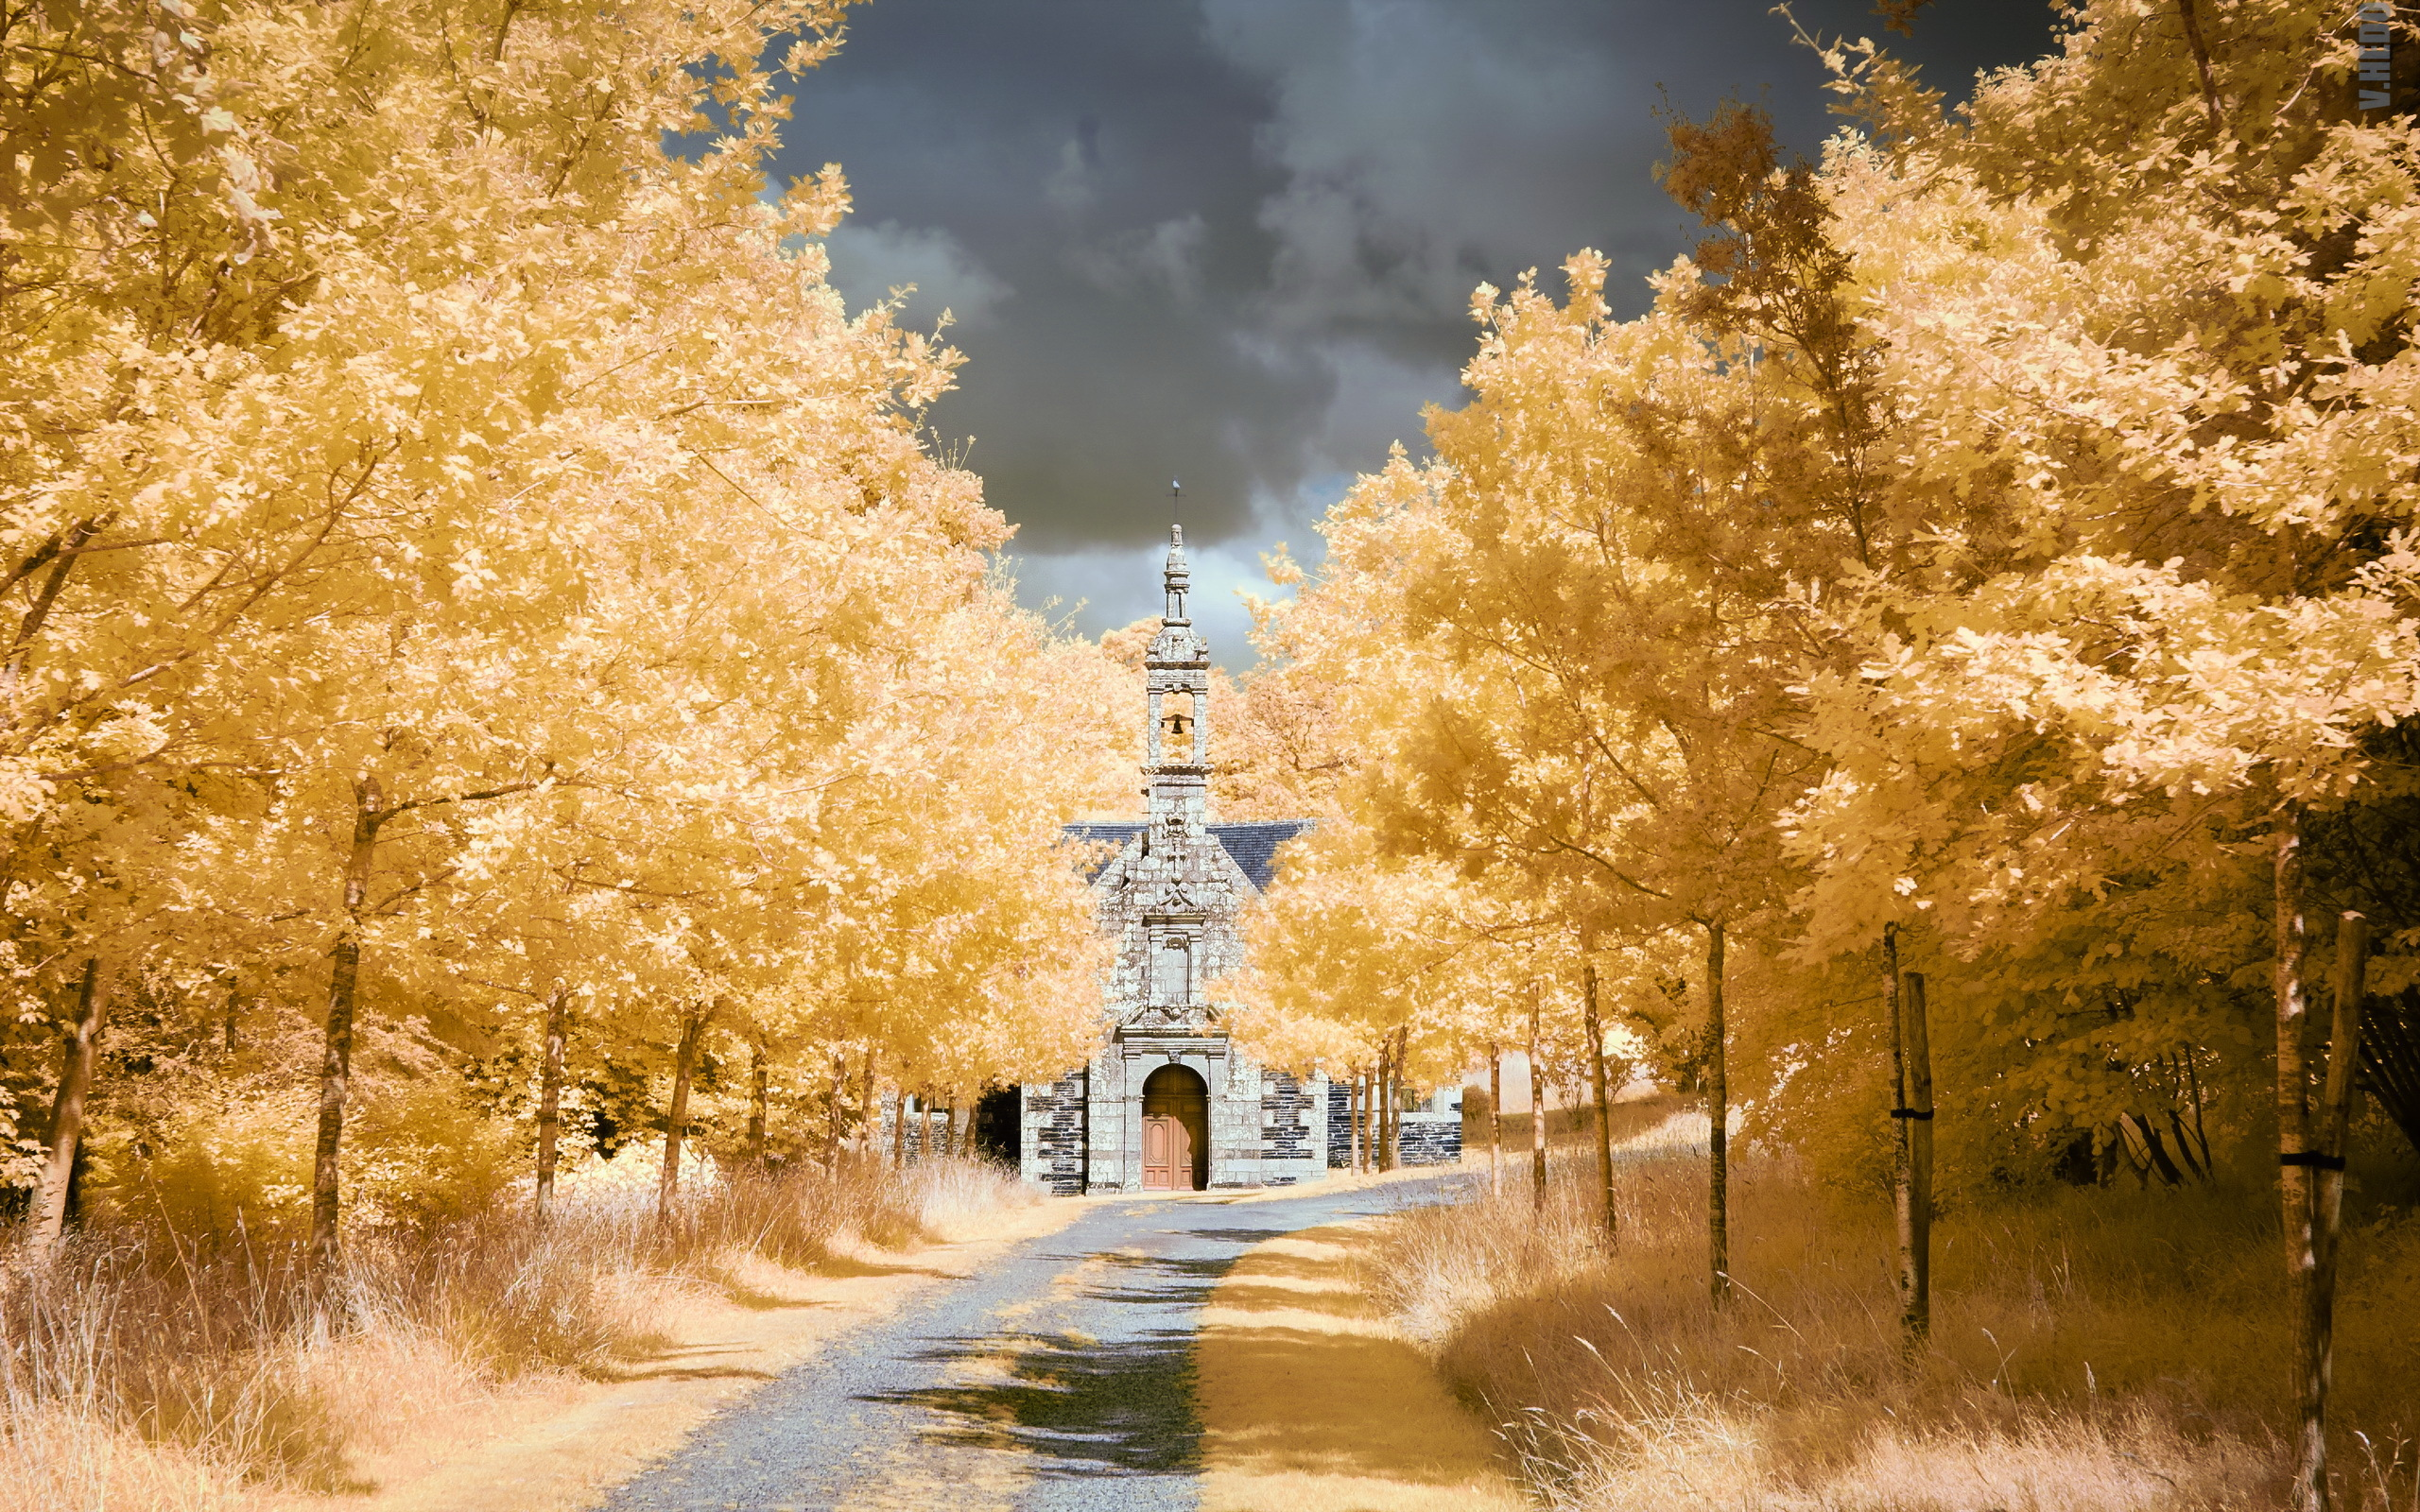 осень церковь обои на рабочий стол 15853